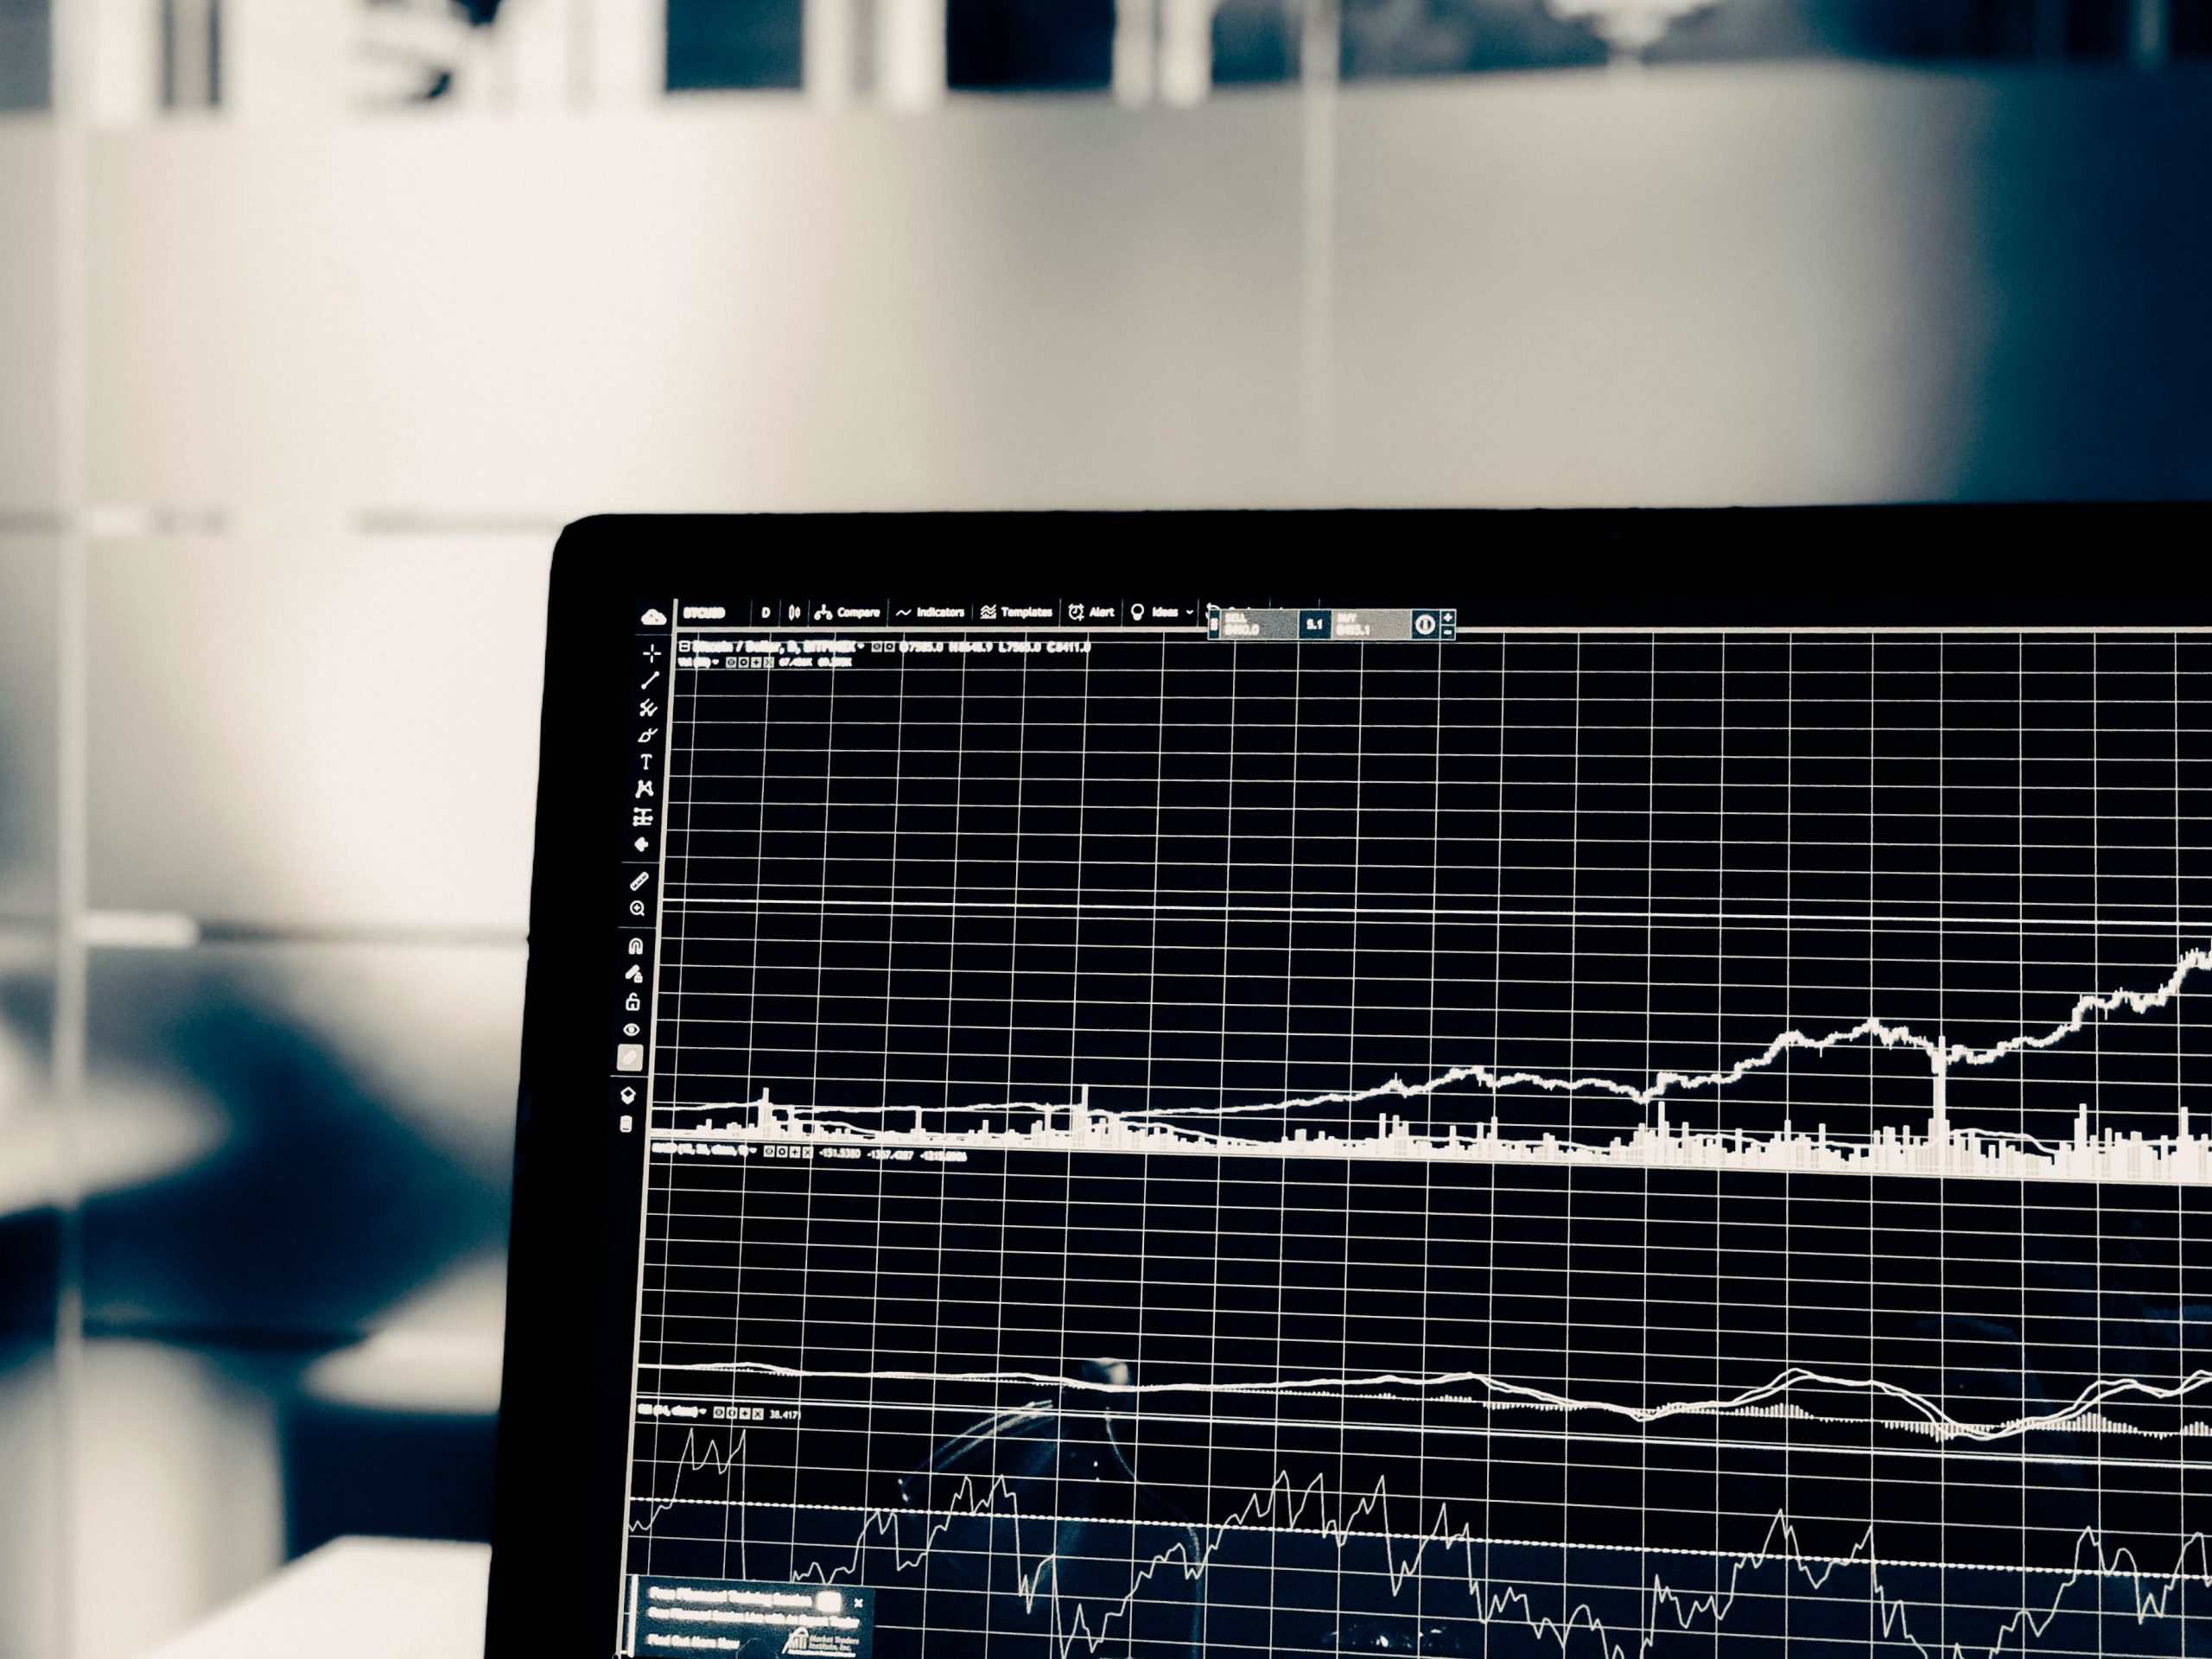 Self-assessment algorithmic trading: room for improvement